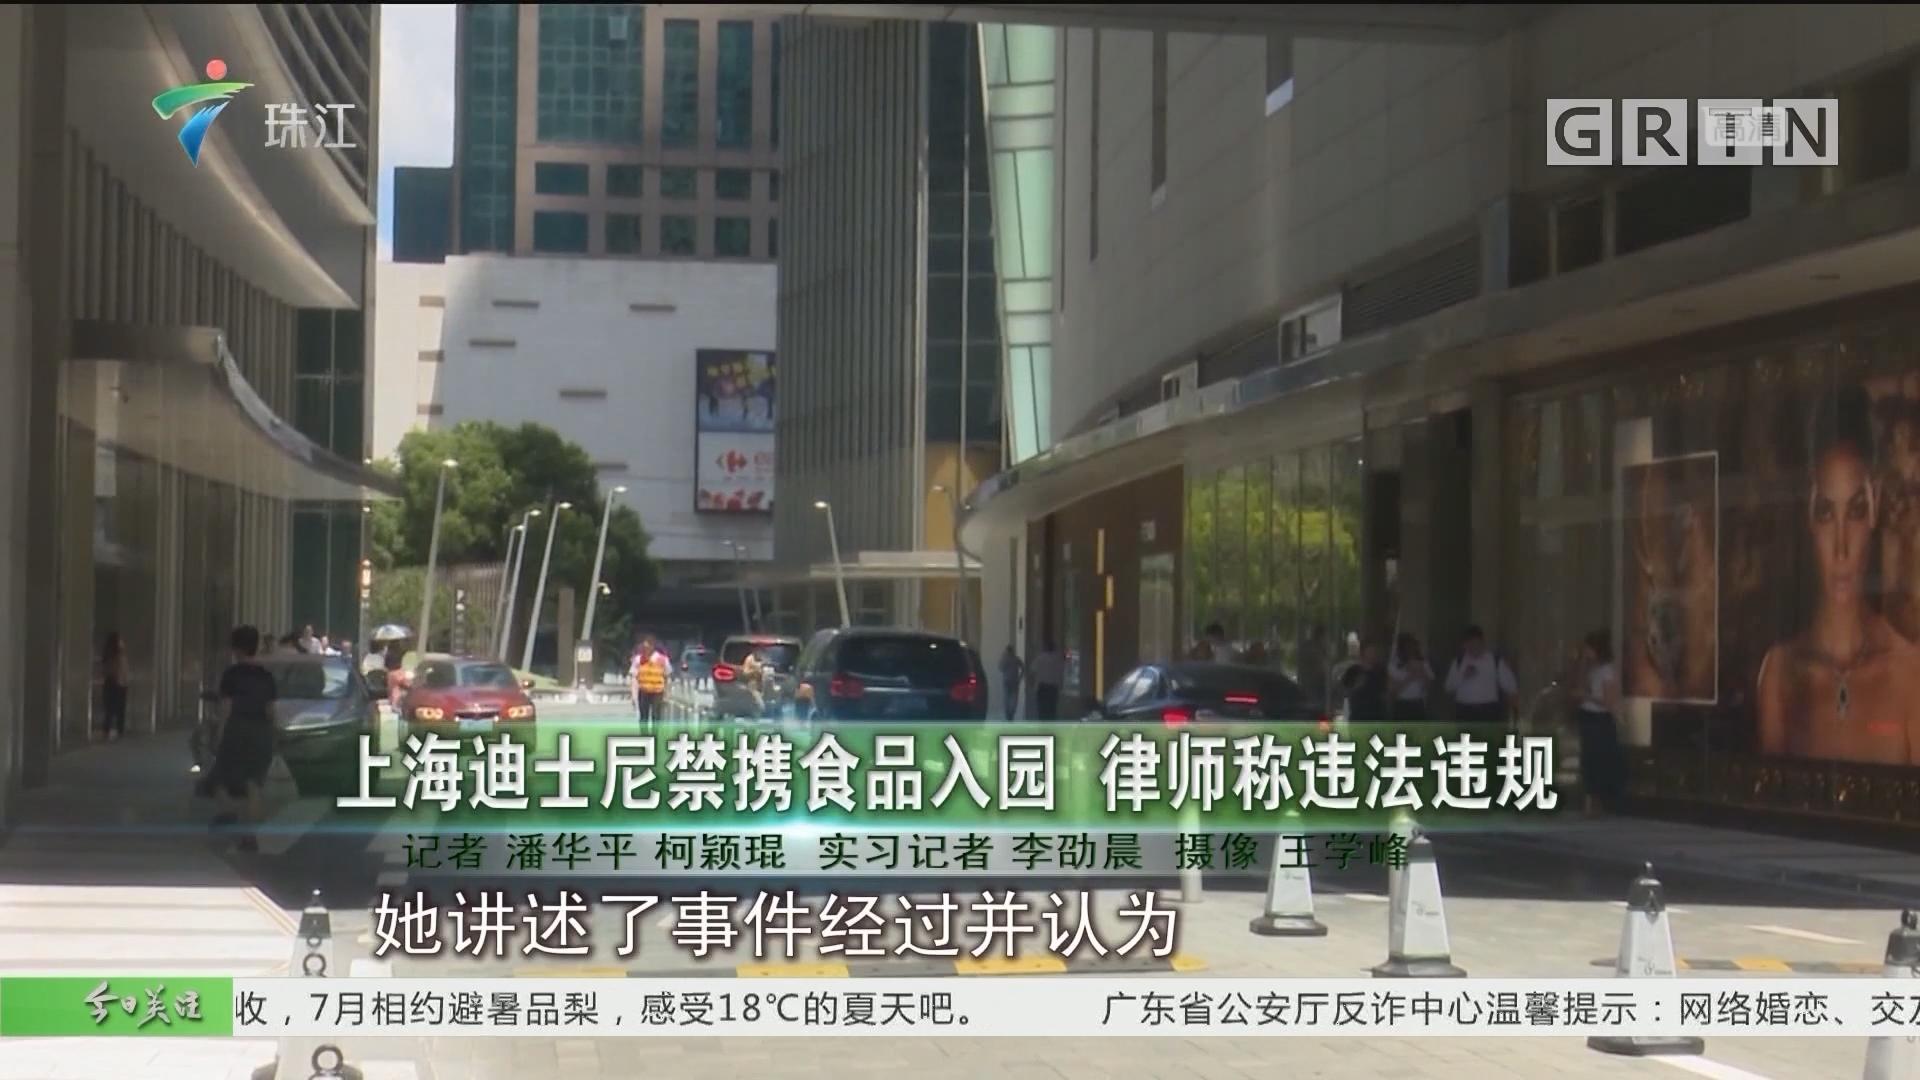 上海迪士尼禁携食品入园 律师称违法违规